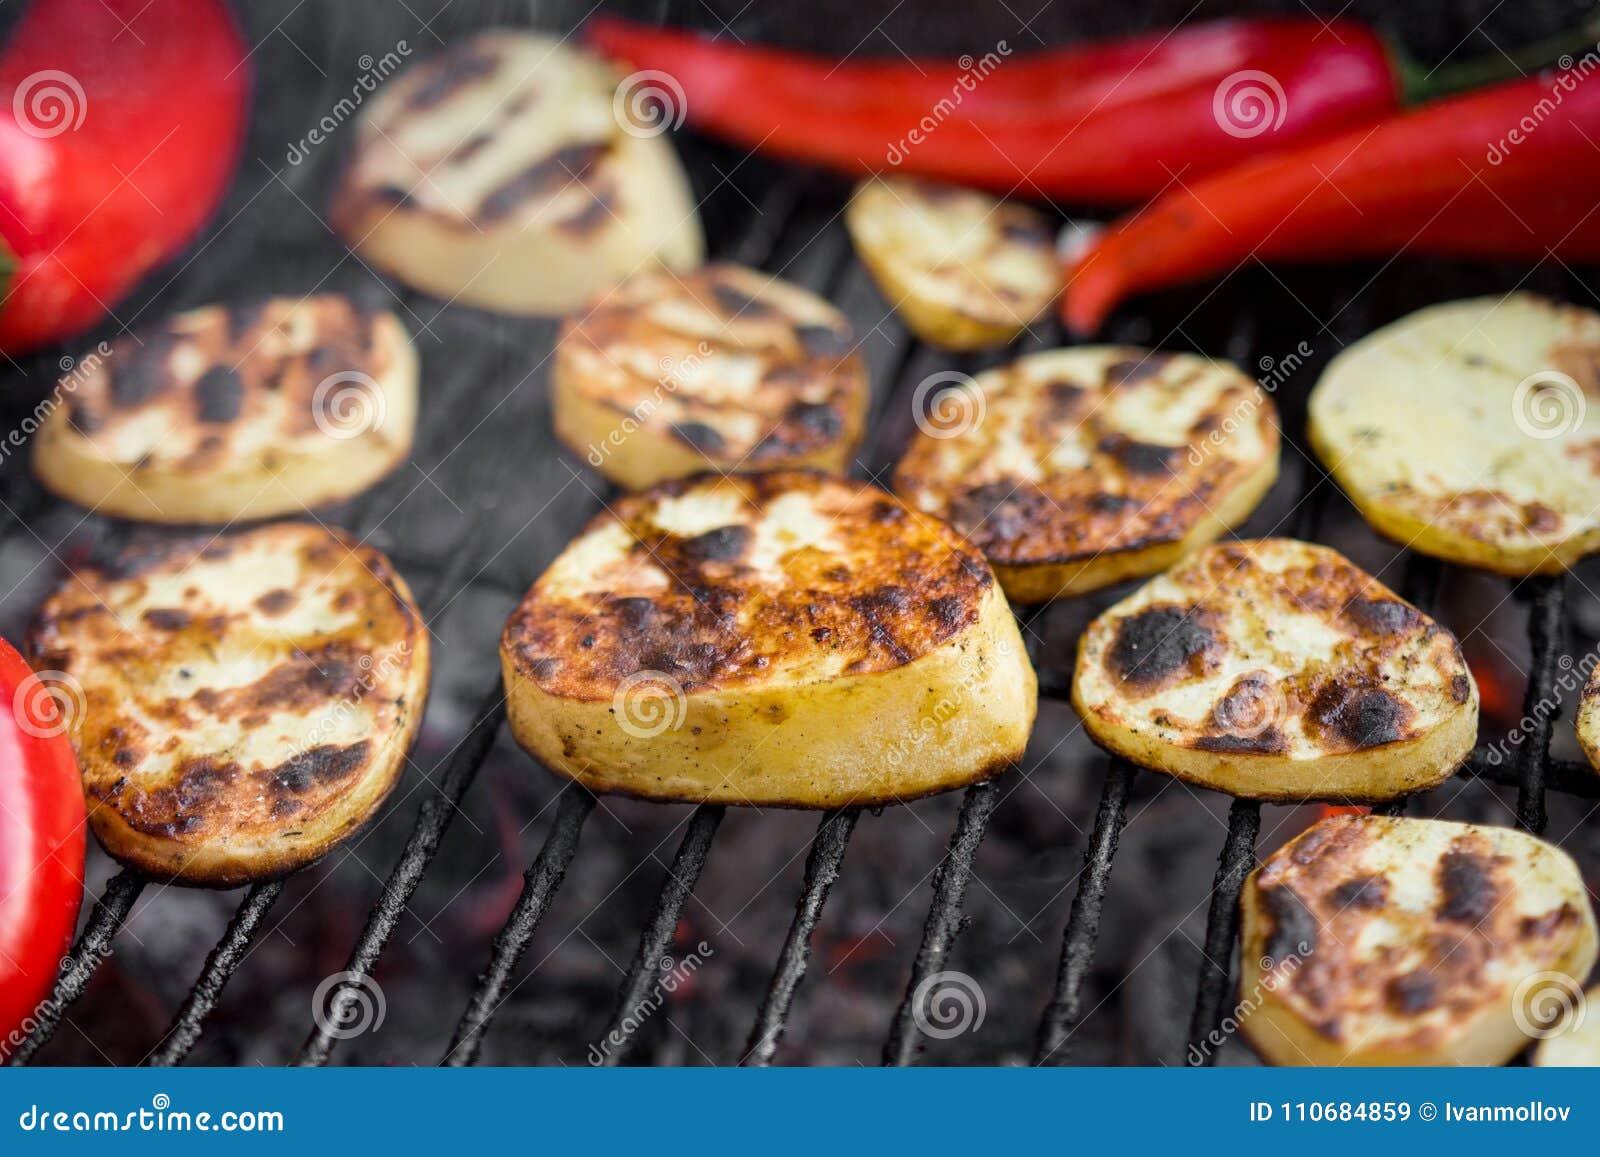 Gril de BBQ avec des morceaux de pommes de terre d une coupe, des poivrons rouges et le blanc de poulet savoureux